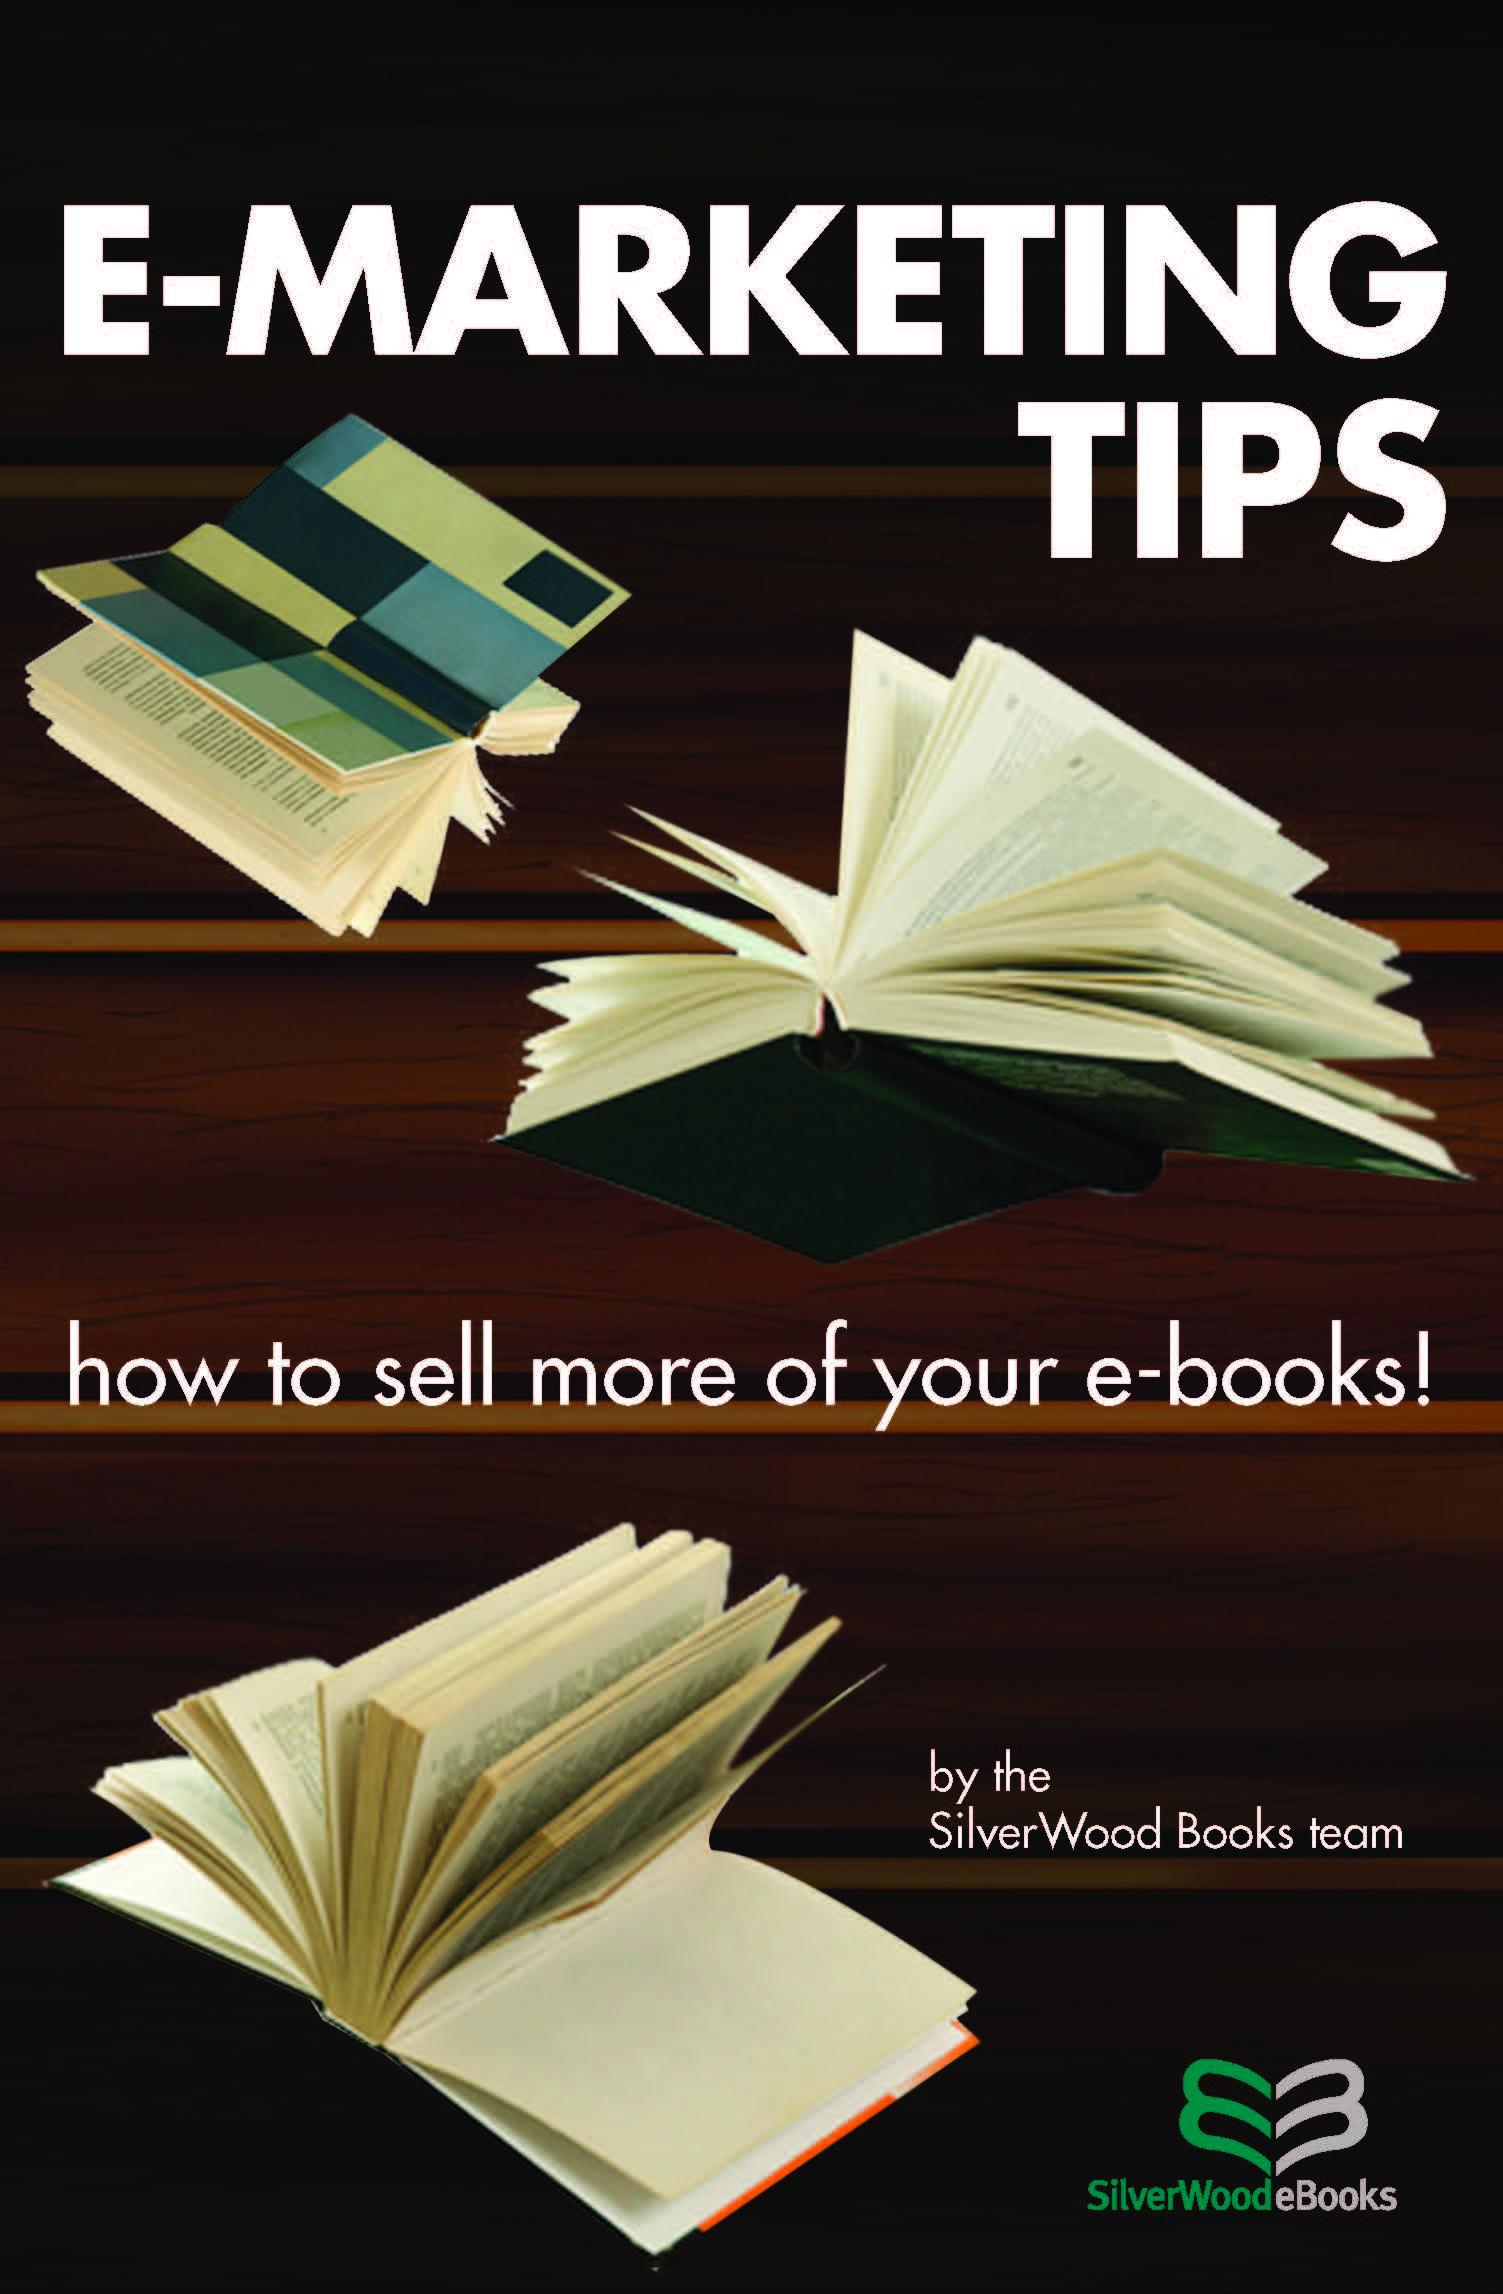 E-Book Marketing Tips